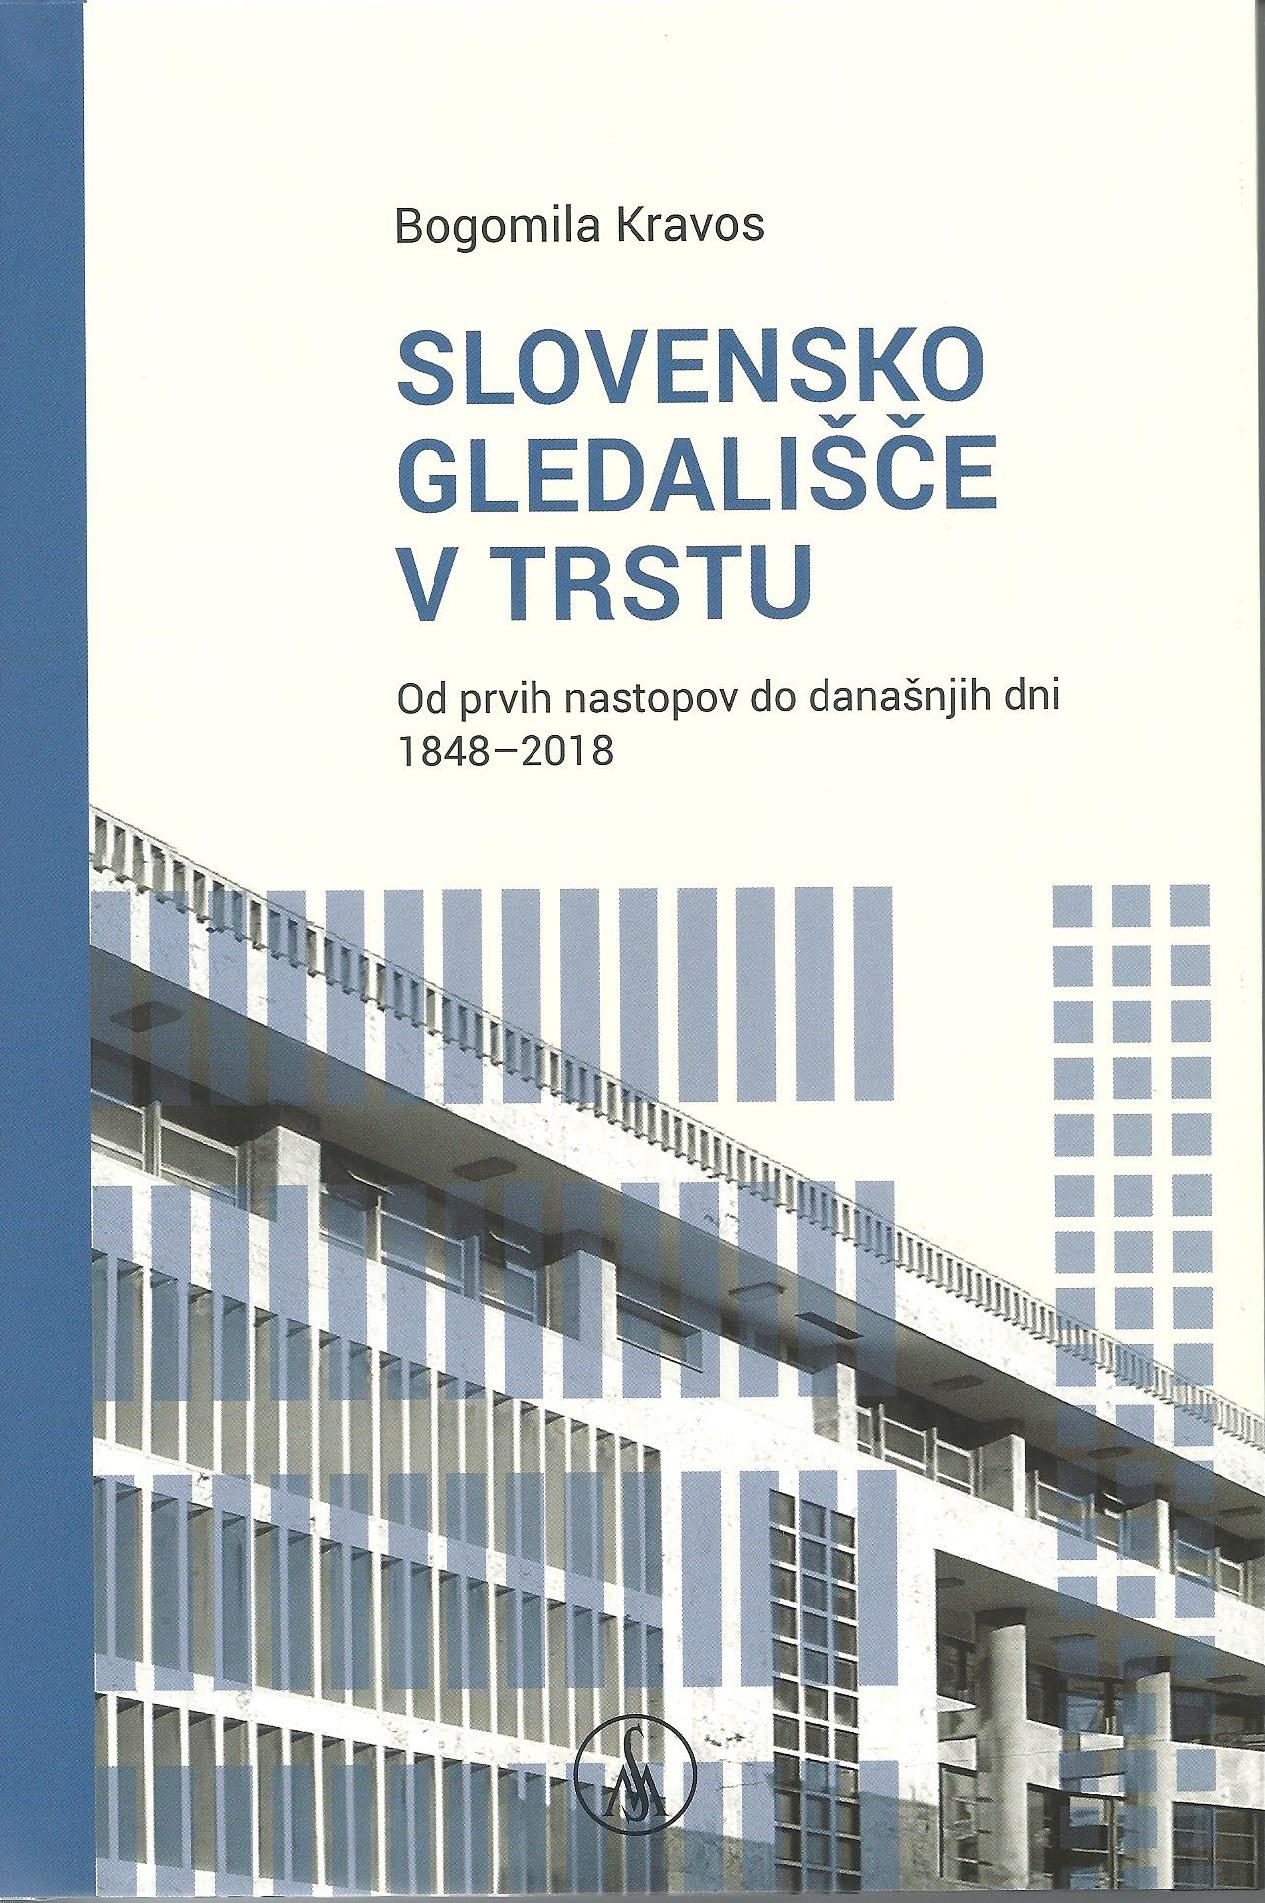 Predavanje dr. Bogomile Kravos o slovenskem gledališču v Narodnem domu